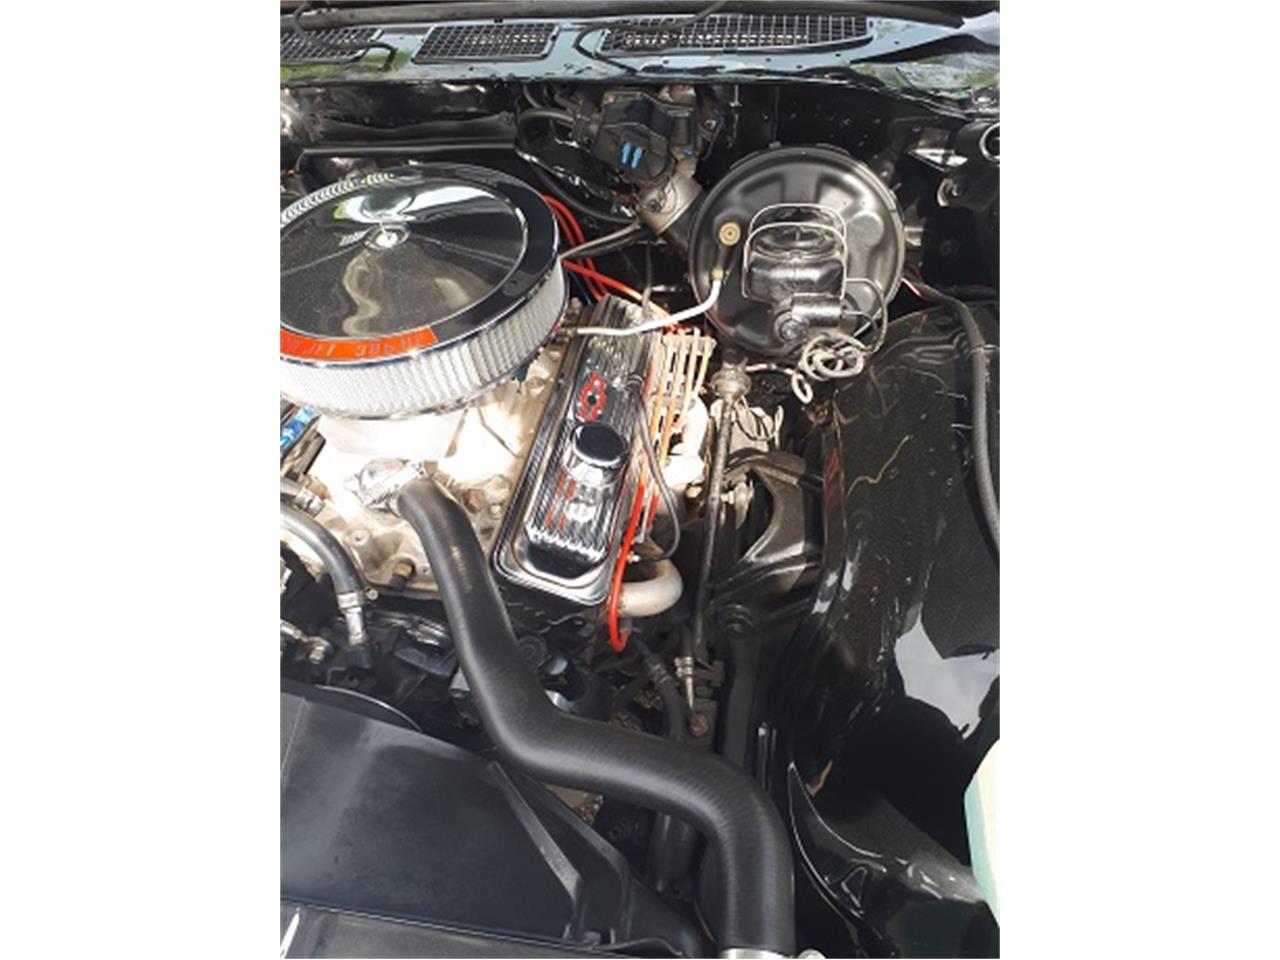 Large Picture of Classic '69 Pontiac Beaumont located in Toronto Ontario - QOMF